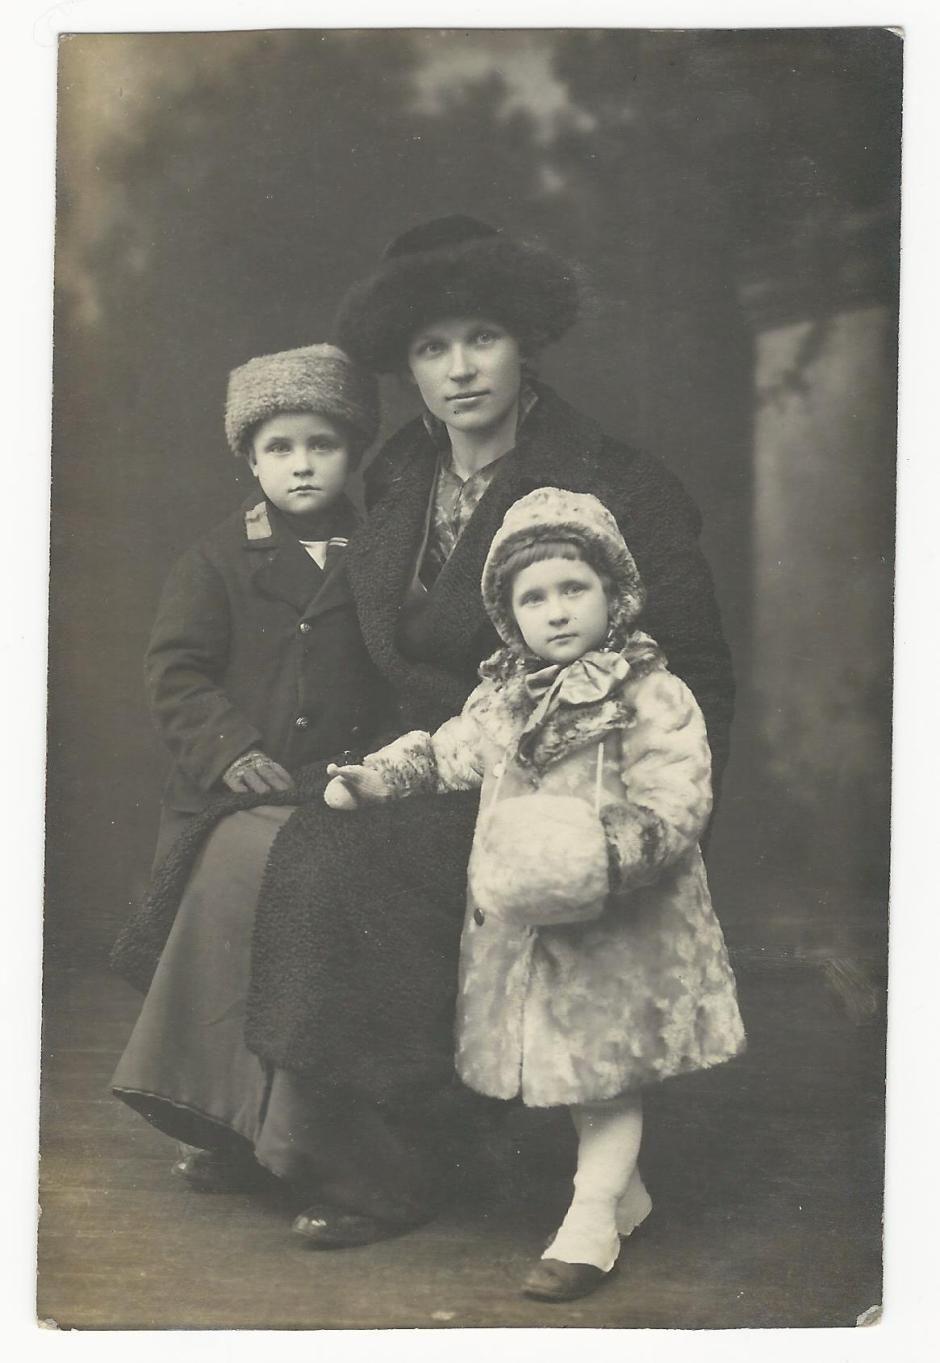 Αποτέλεσμα εικόνας για mother with two young children pinterest